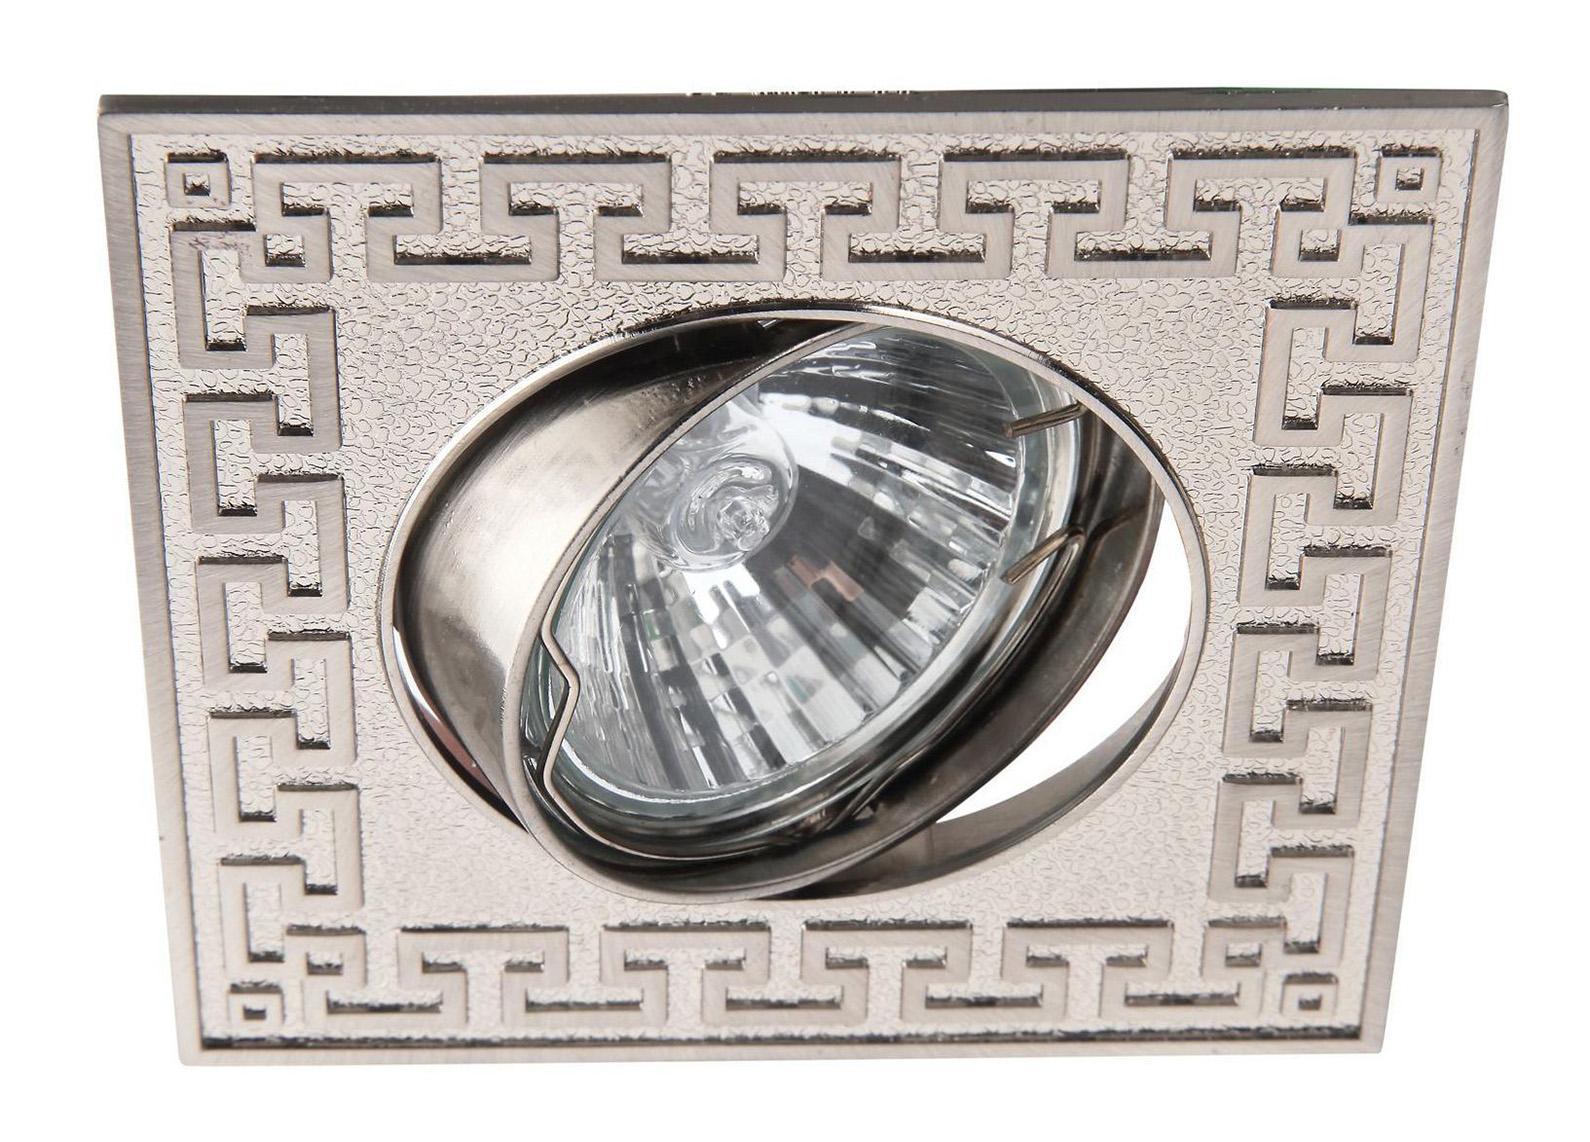 A2107PL-3SS ECLIPSE Встраиваемый светильникA2107PL-3SS3xGU10x50W Материал: Арматура: Металл, литьеРазмер: 93x93x113Цвет: Матовое серебро